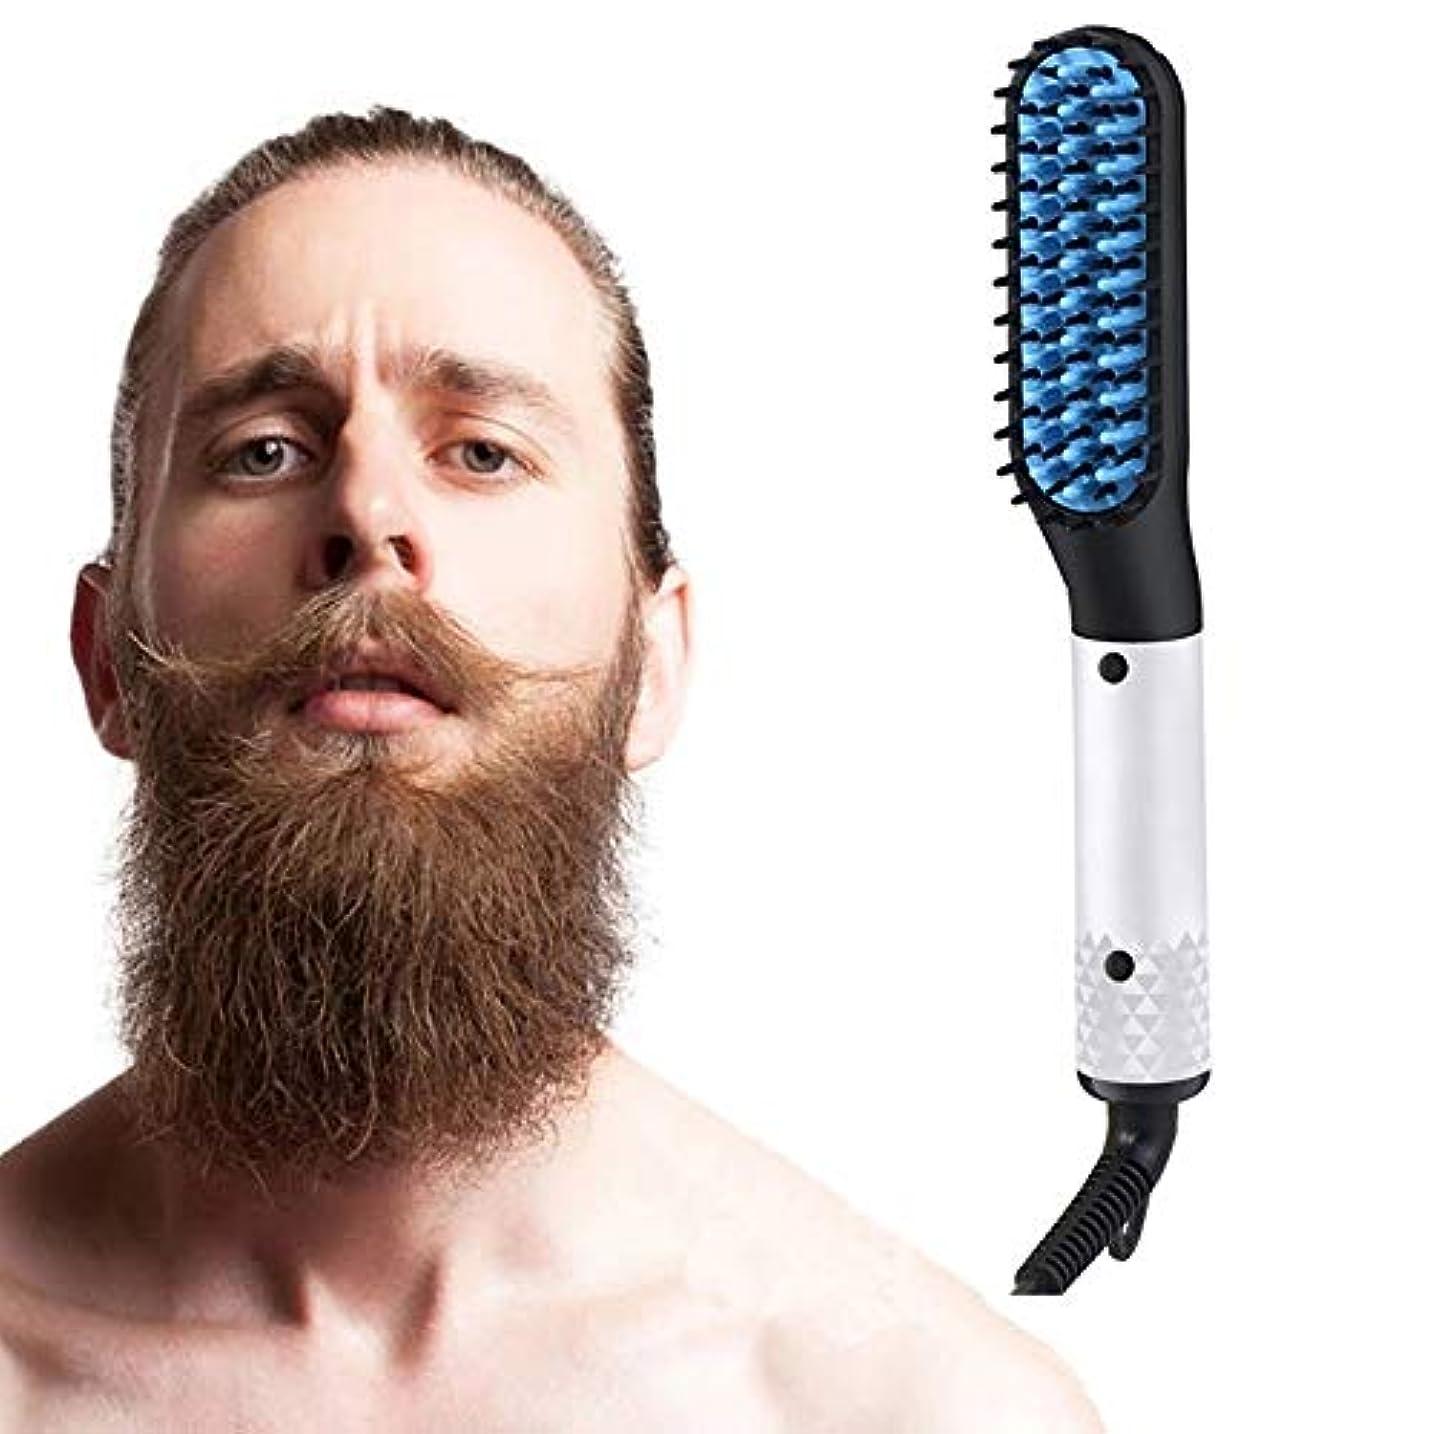 グリット一生グラマービアードストレイテナーくしストレートヘアブラシ電気温水イオンセラミック毛のストレートブラシは、より高速な暖房で、ホットツール髪フラットカーリング鉄は高速アンチゴールドとシェーピング